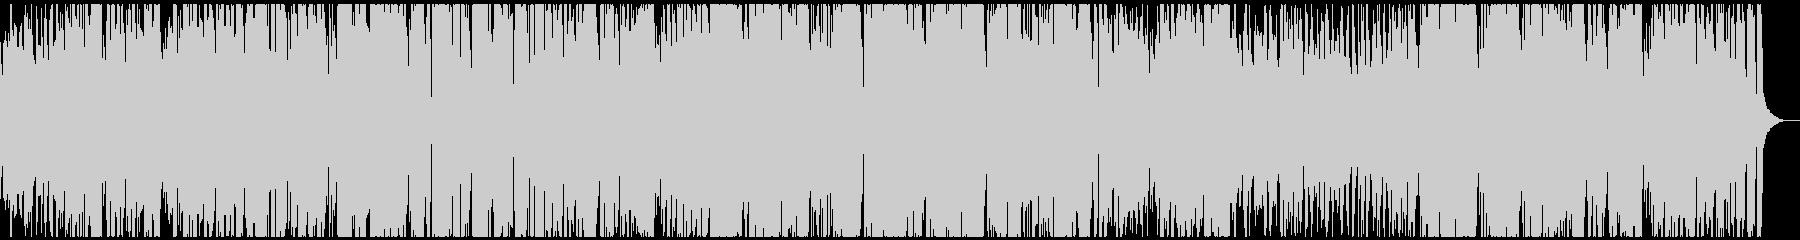 陽気なトランペットのアップテンポジャズの未再生の波形